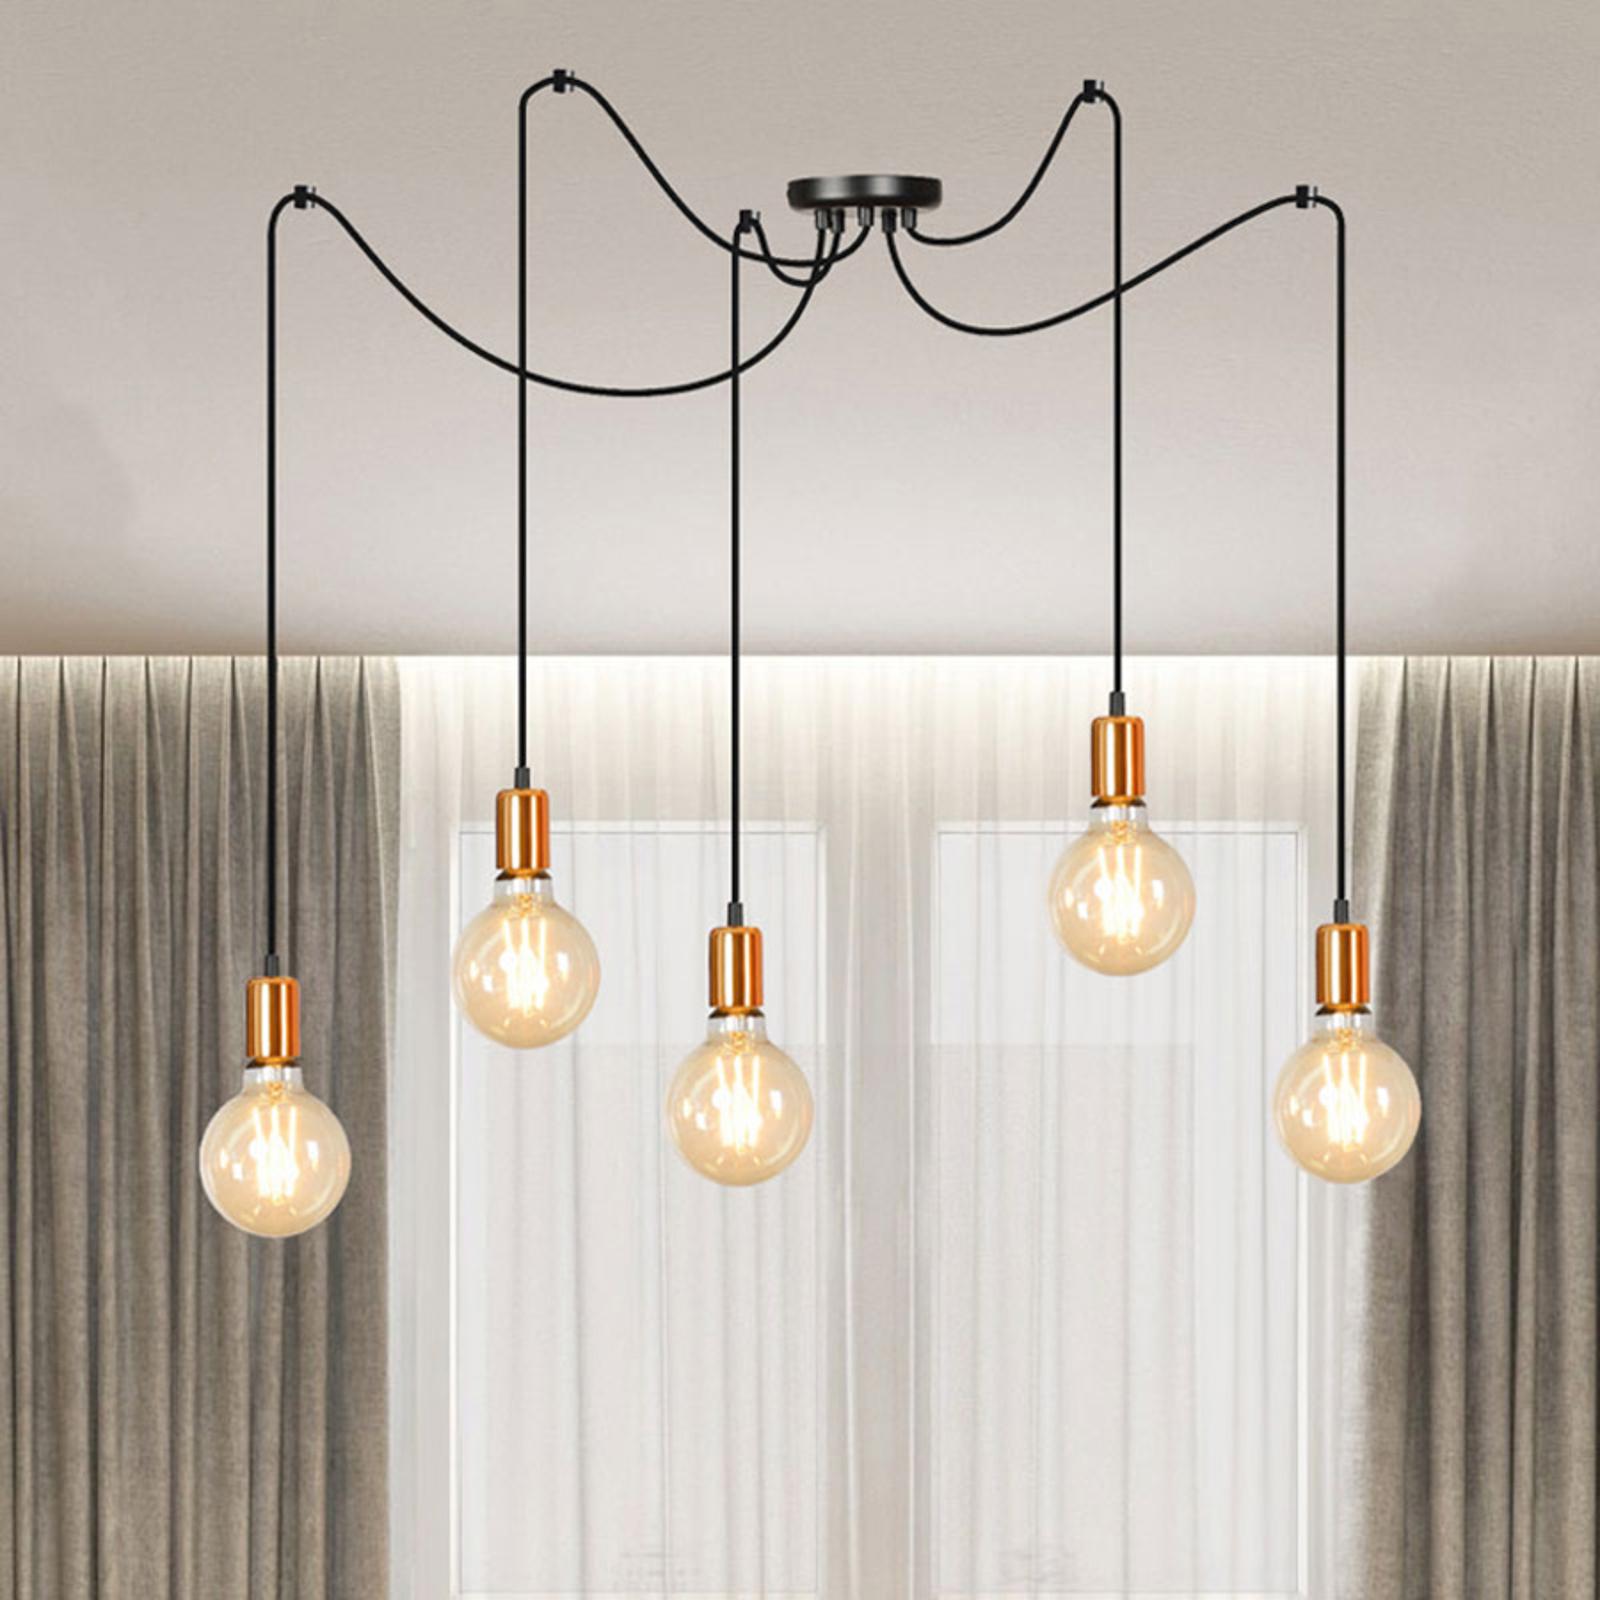 Lámpara colgante Spark 5, 5 luces, negro-cobre